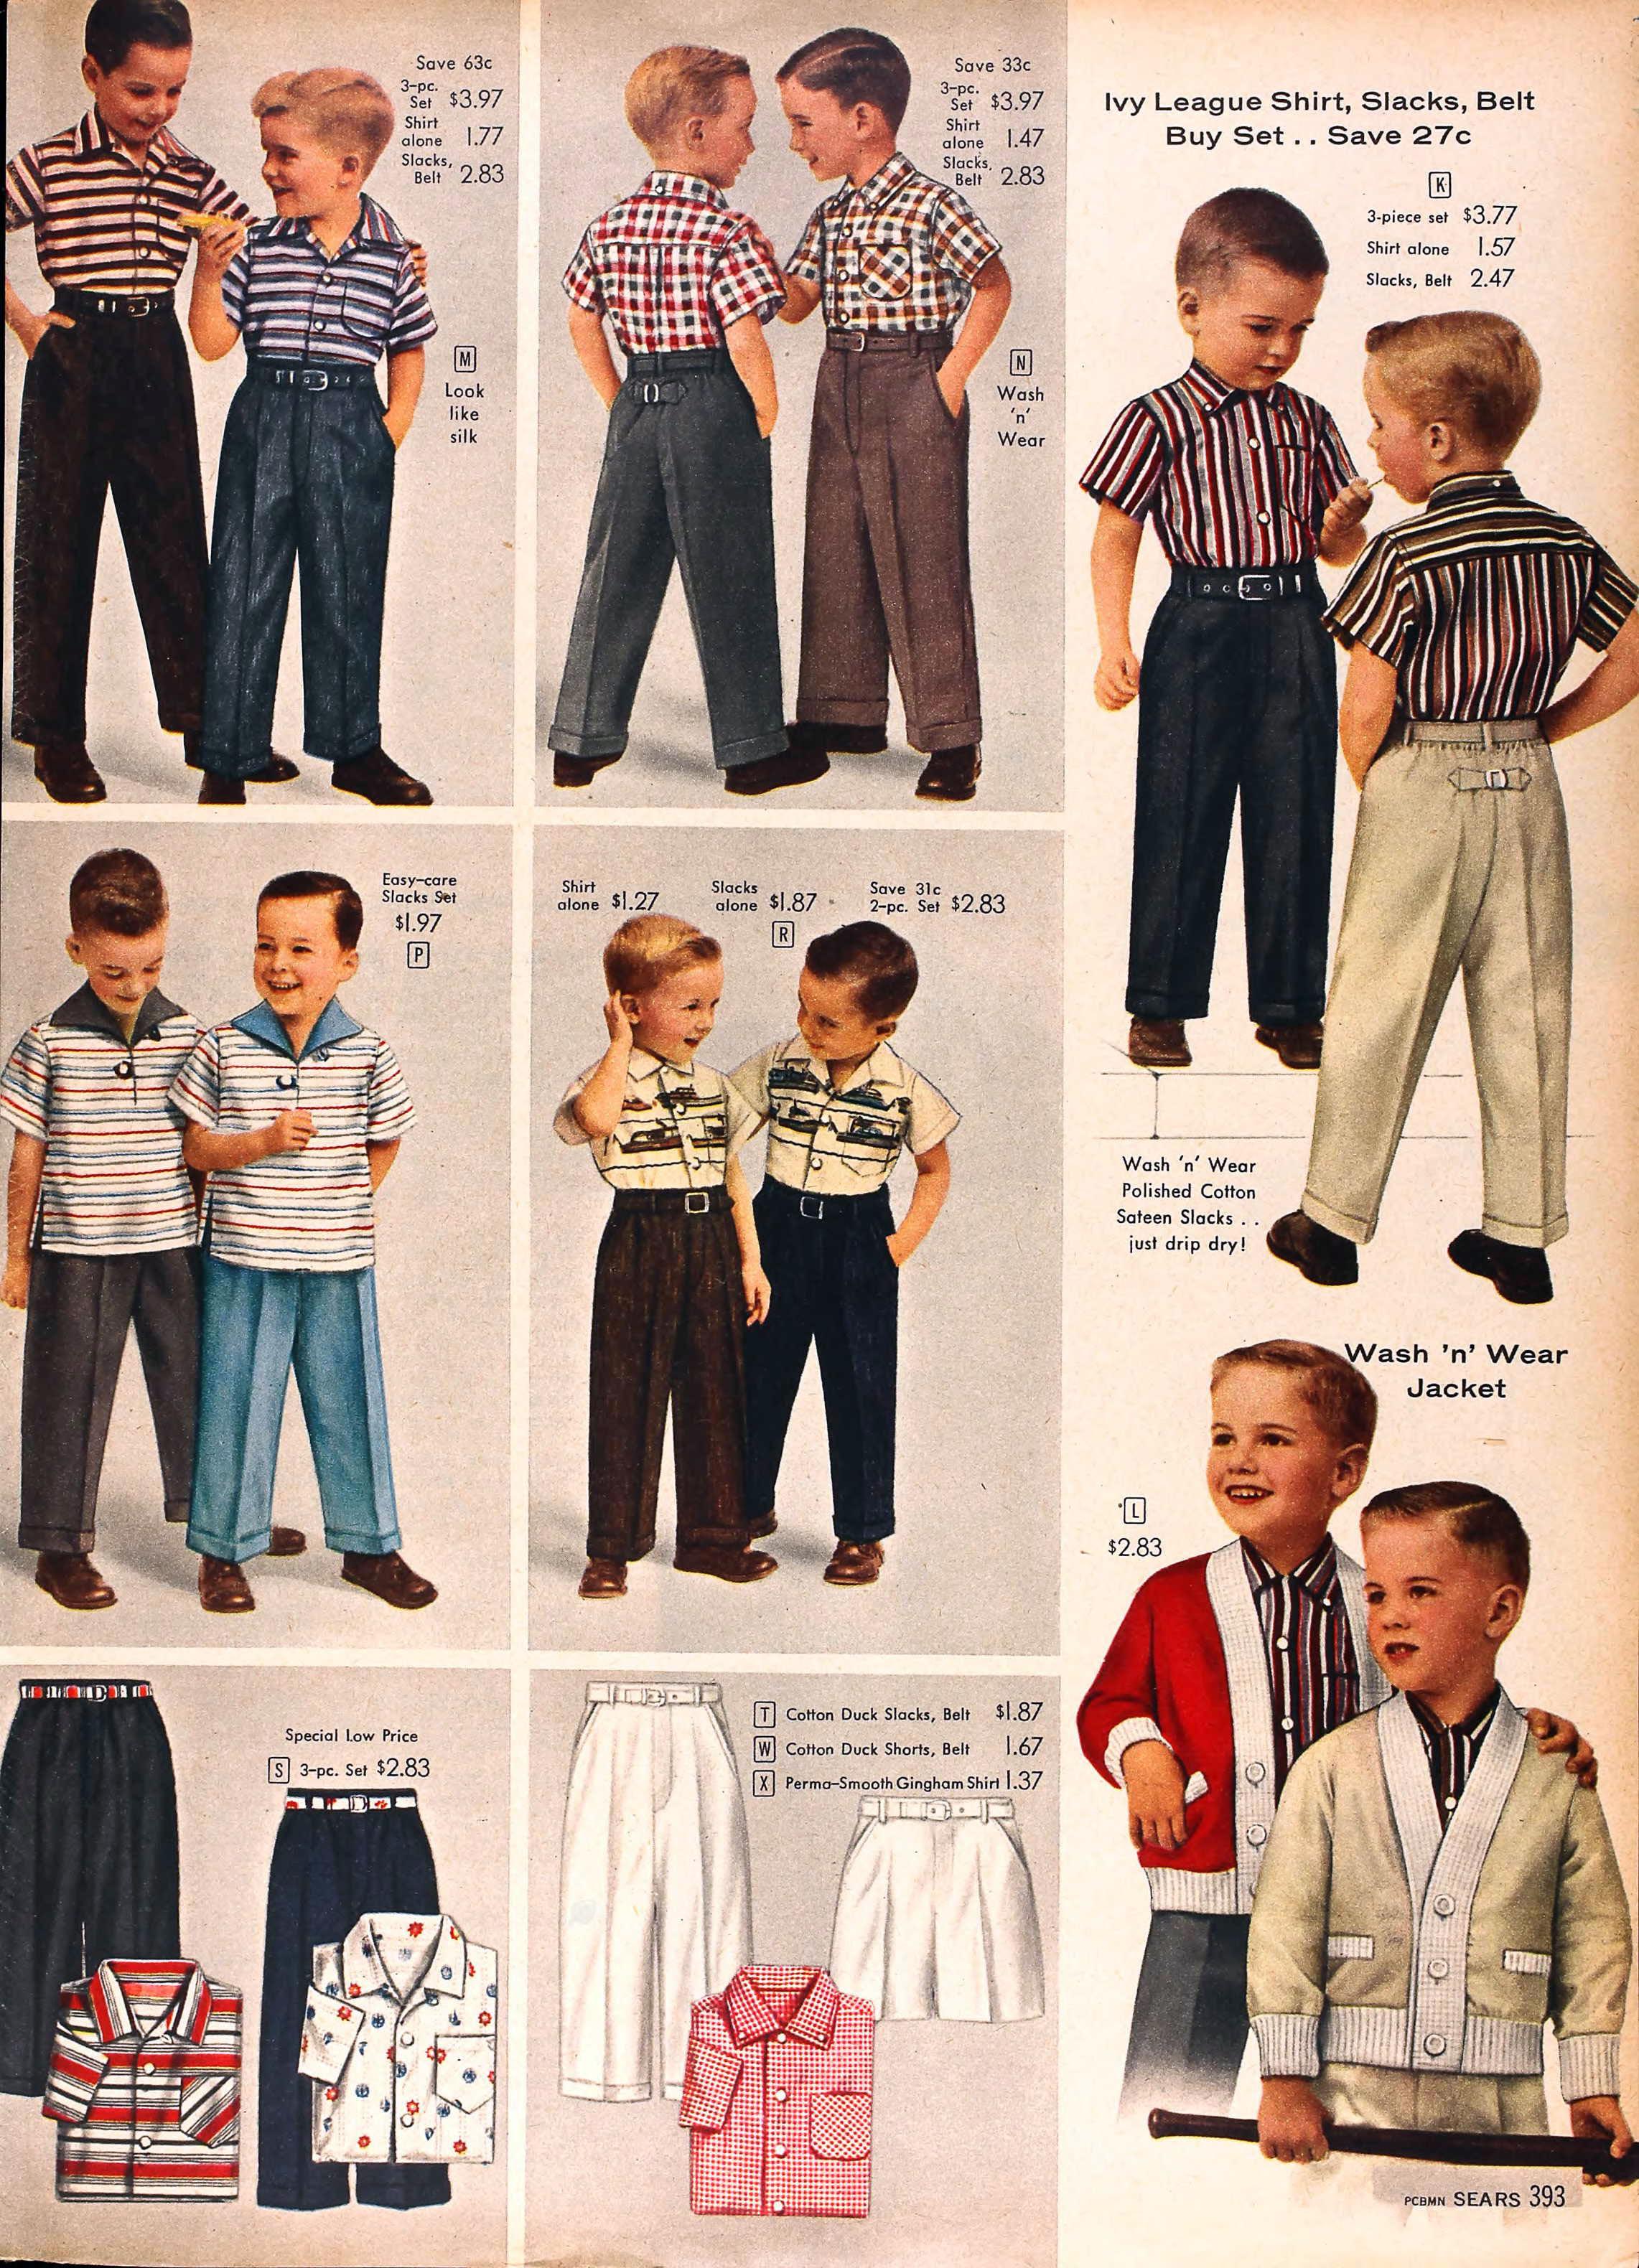 Sears Catalog Highlights SpringSummer 1958